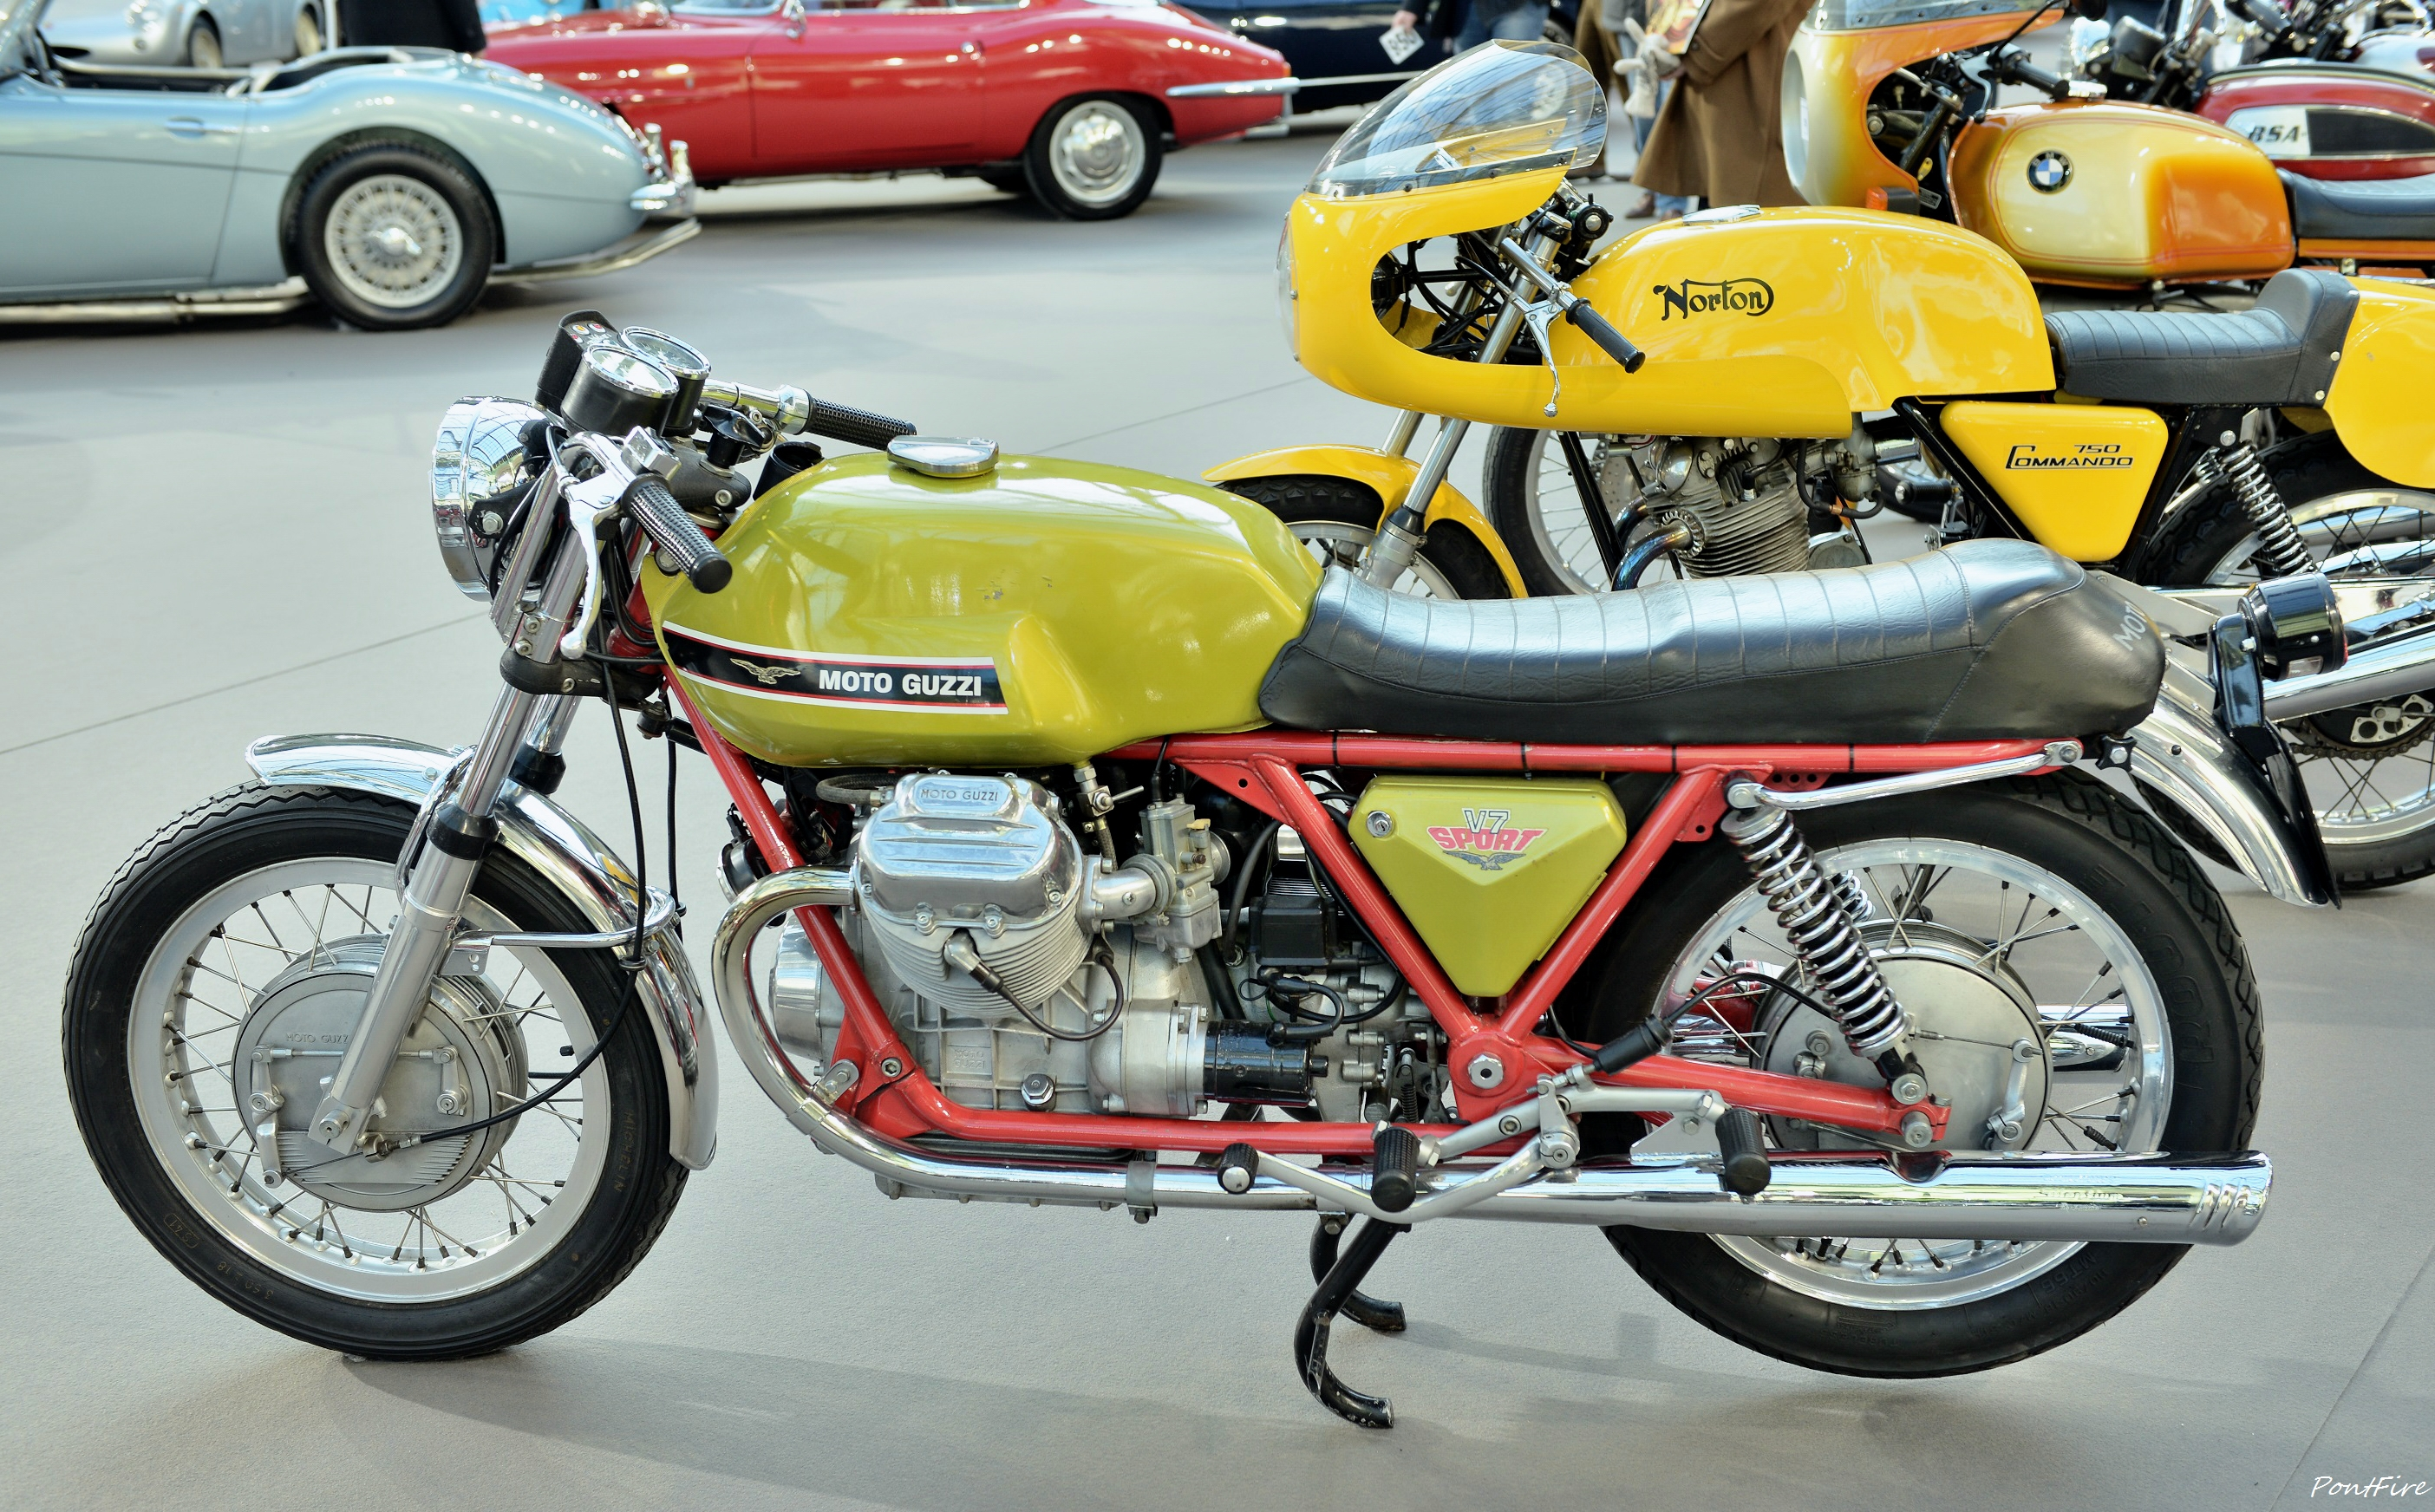 1971 MOTO GUZZI V7 Sport 749 cm3